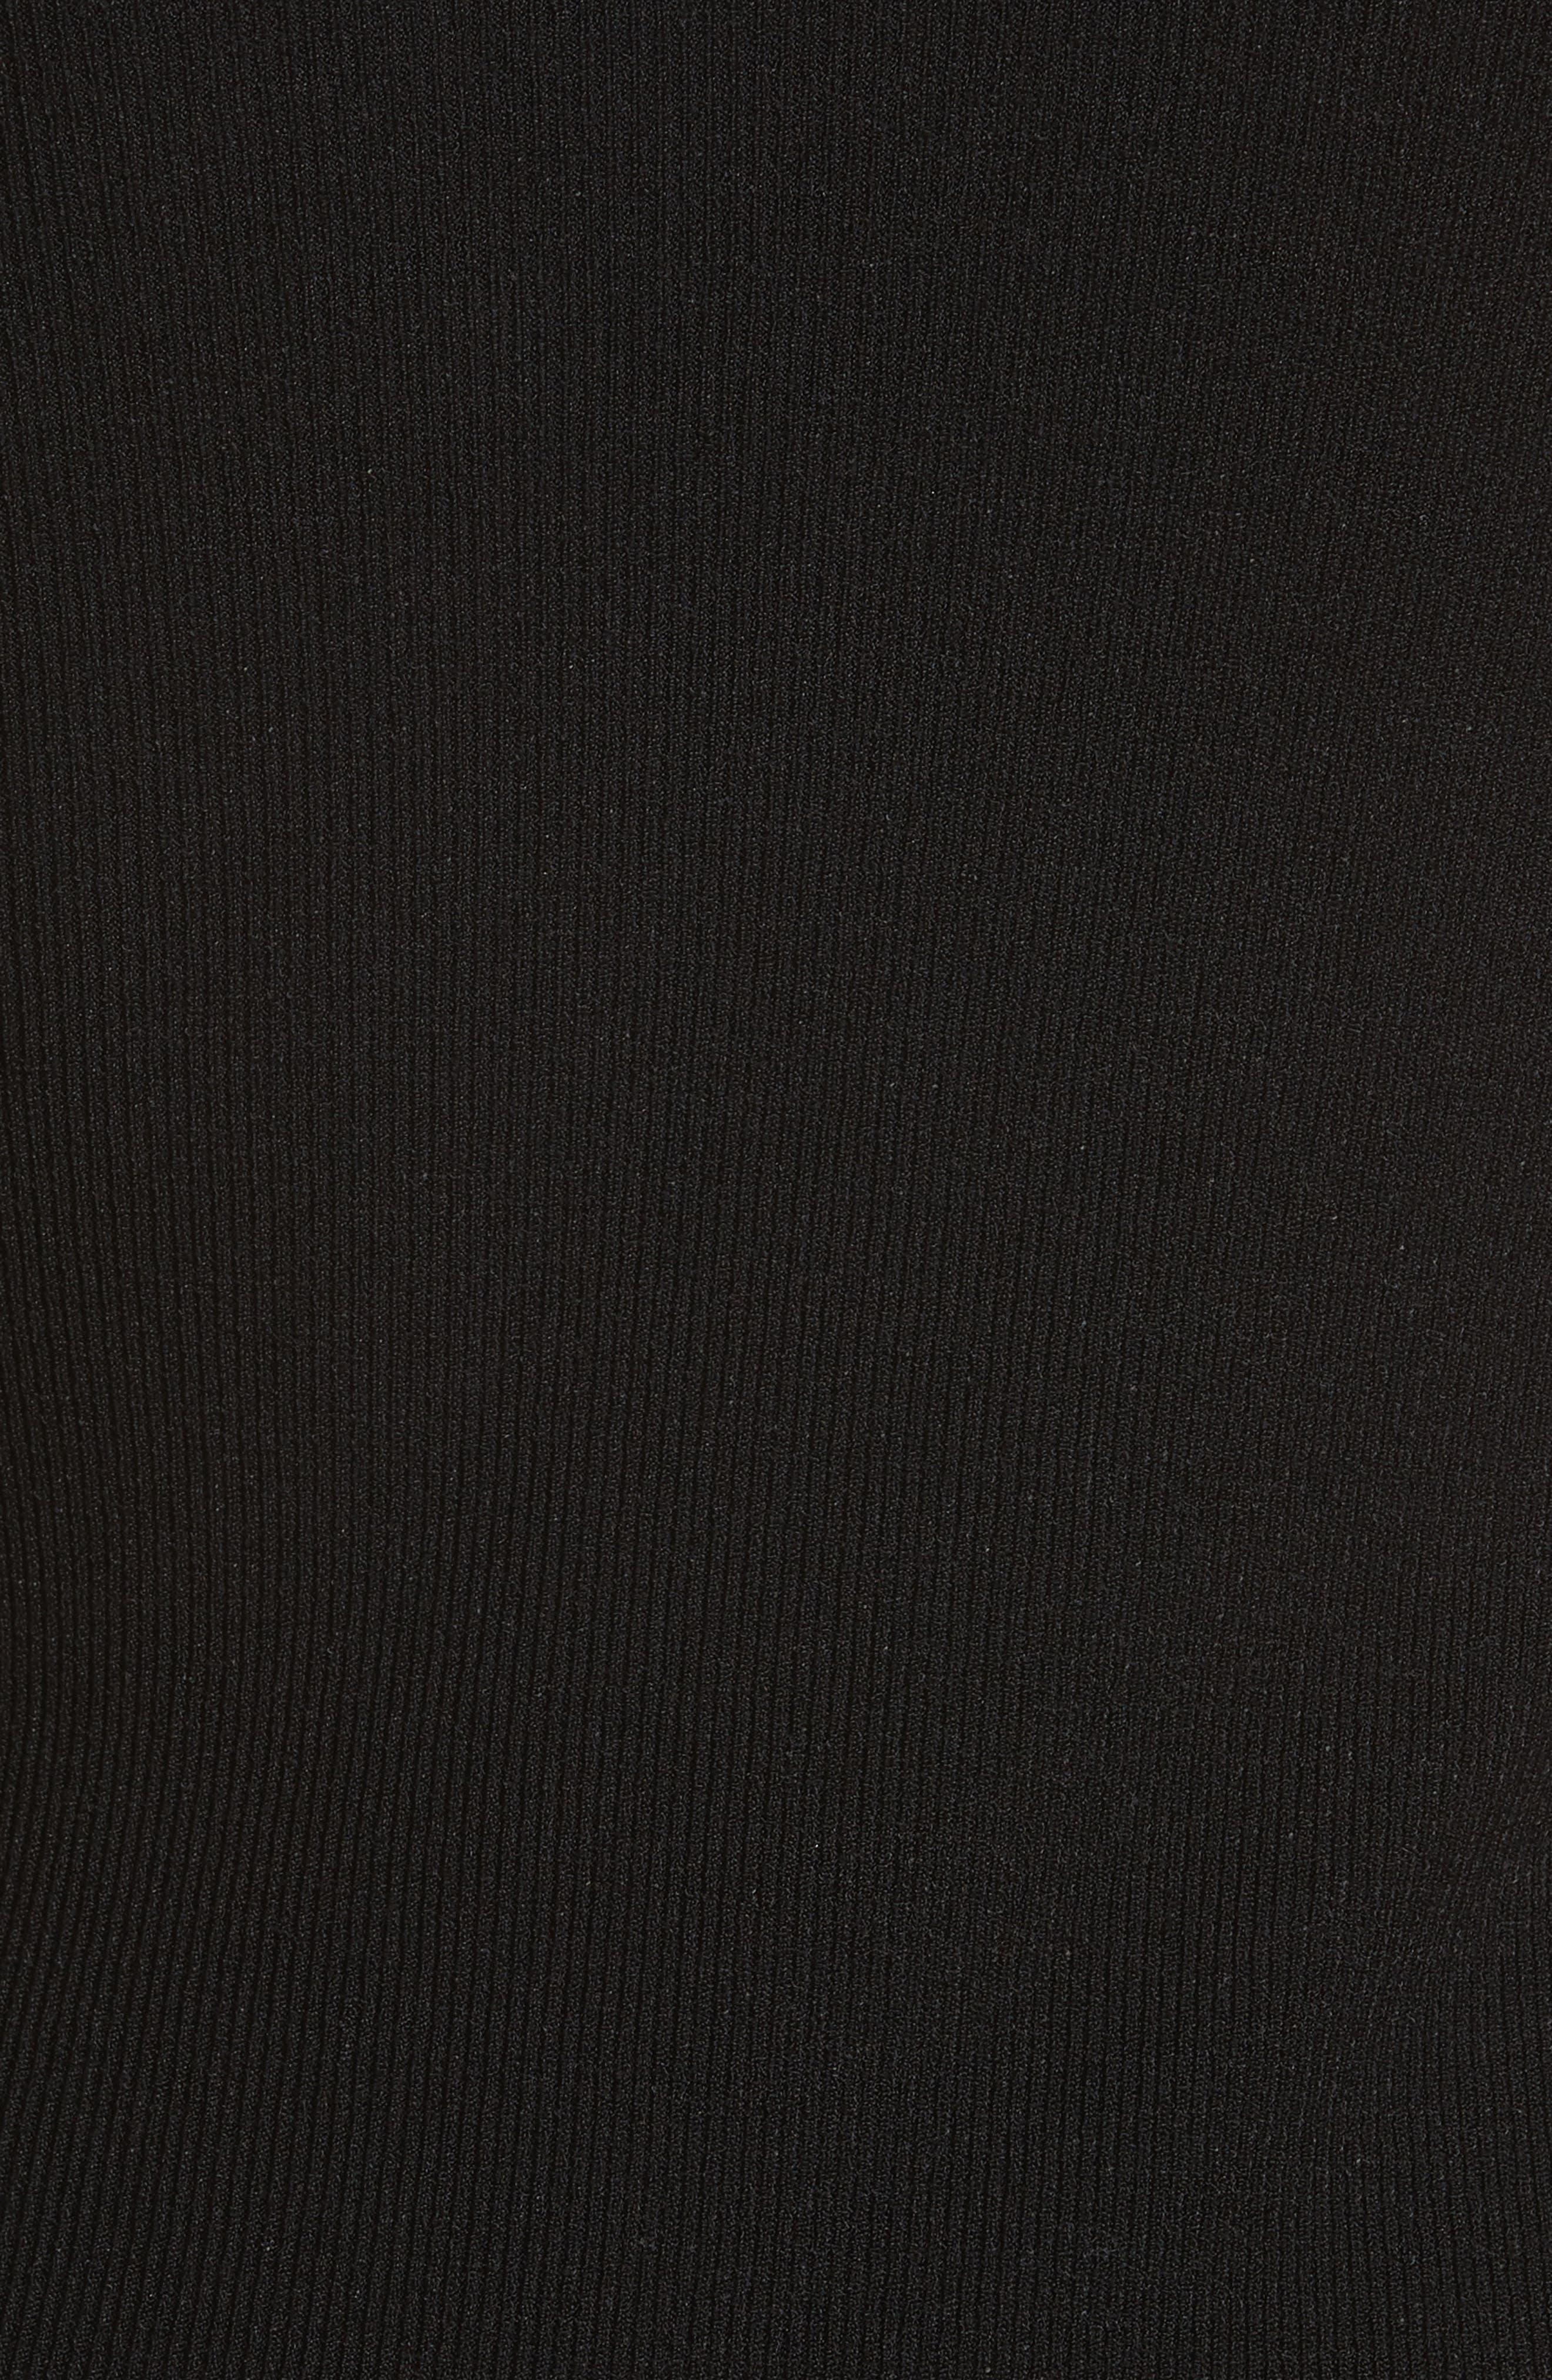 Slash Layered Tank Dress,                             Alternate thumbnail 5, color,                             Black